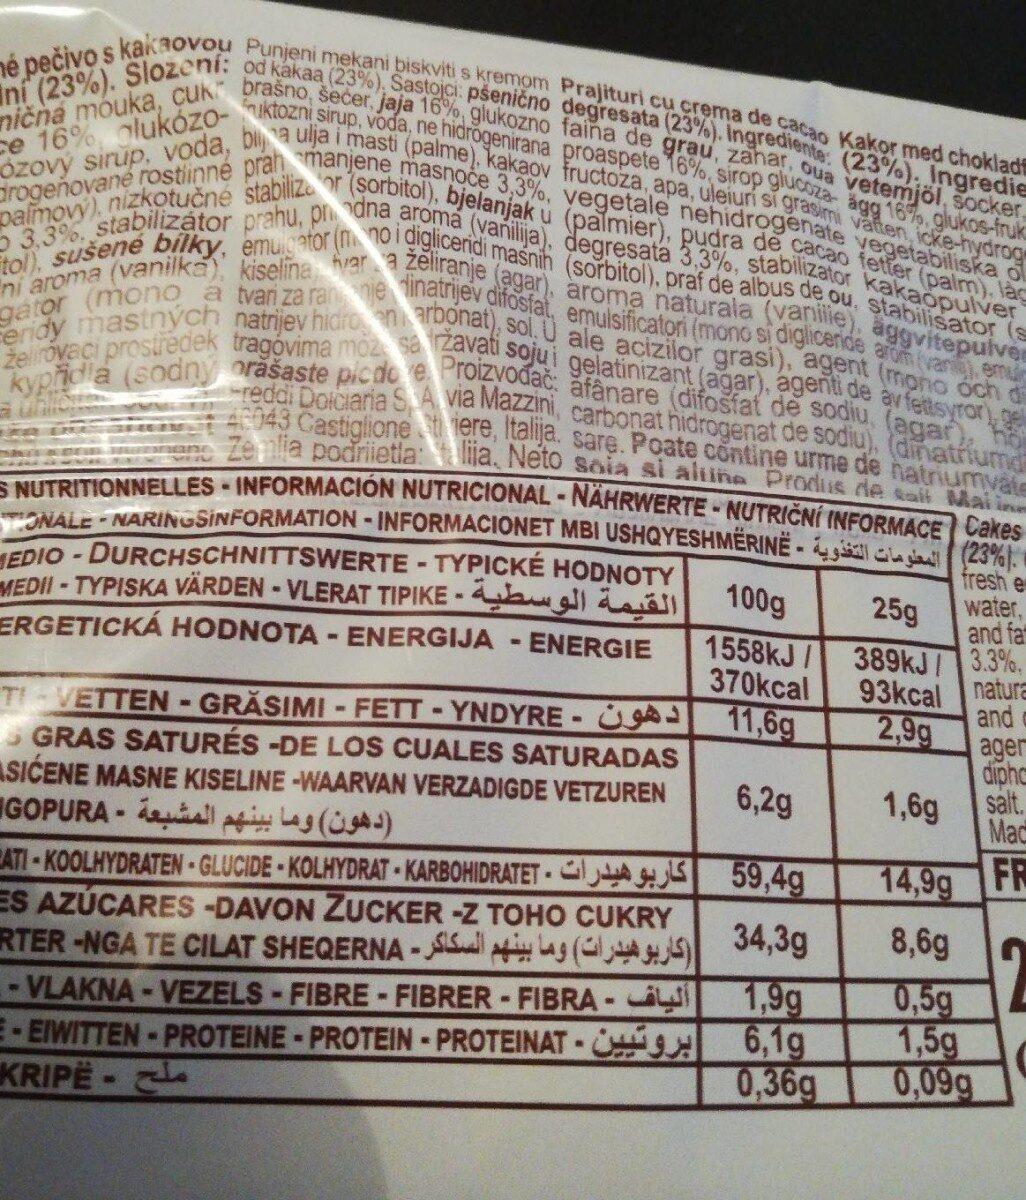 Dolcetto - gâteaux fourrés au cacao maigre - Informations nutritionnelles - fr